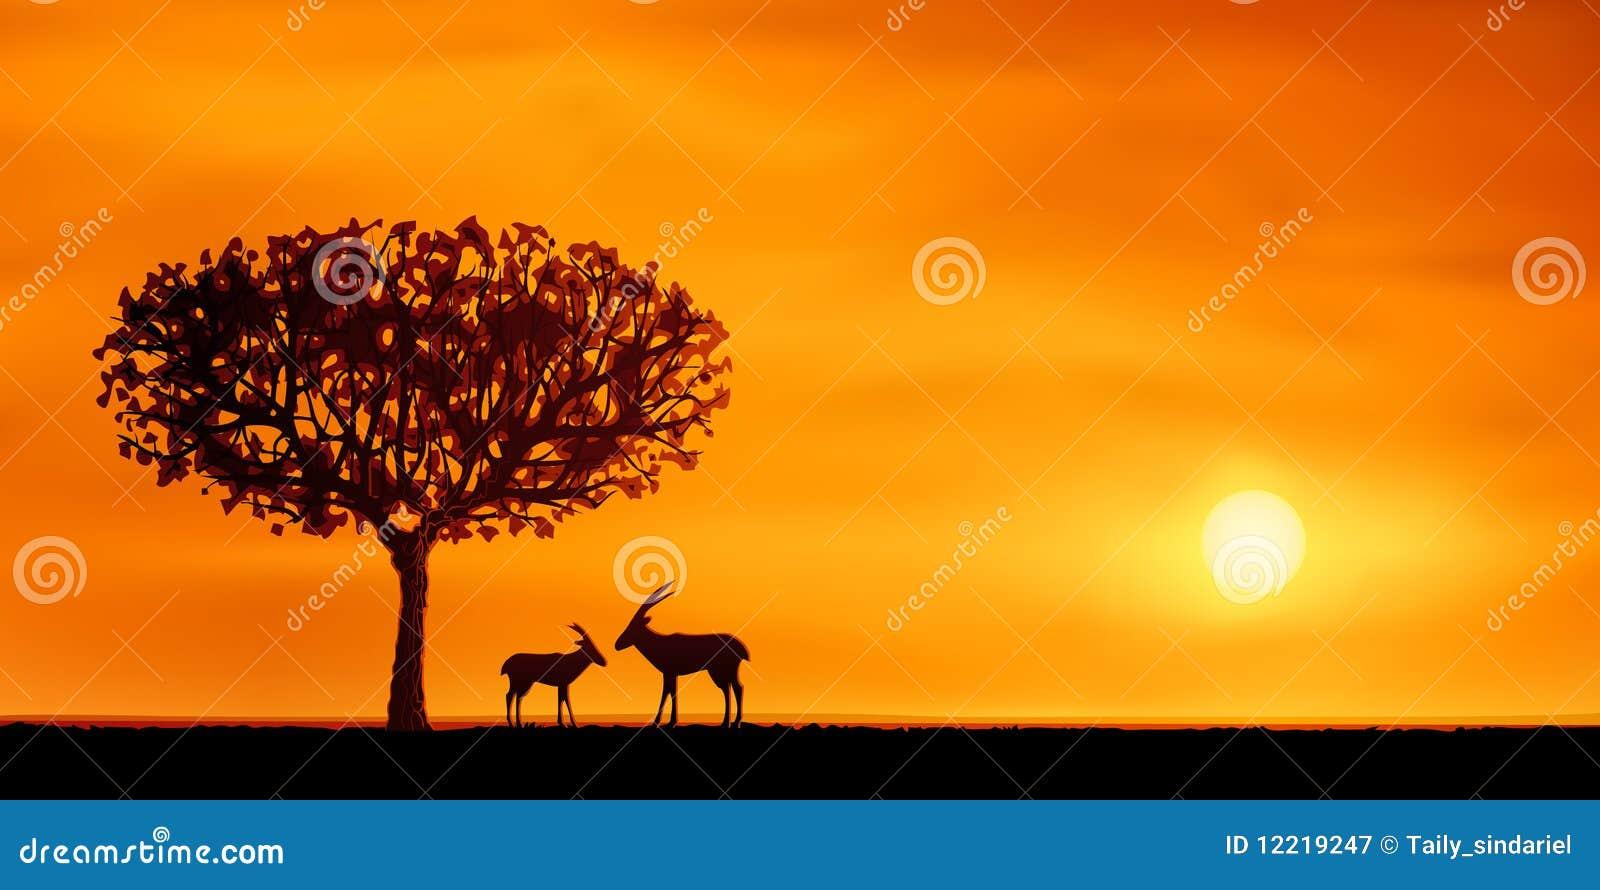 Paysage africain de la savane photographie stock libre de droits image 12219247 - Arbre africain en 7 lettres ...